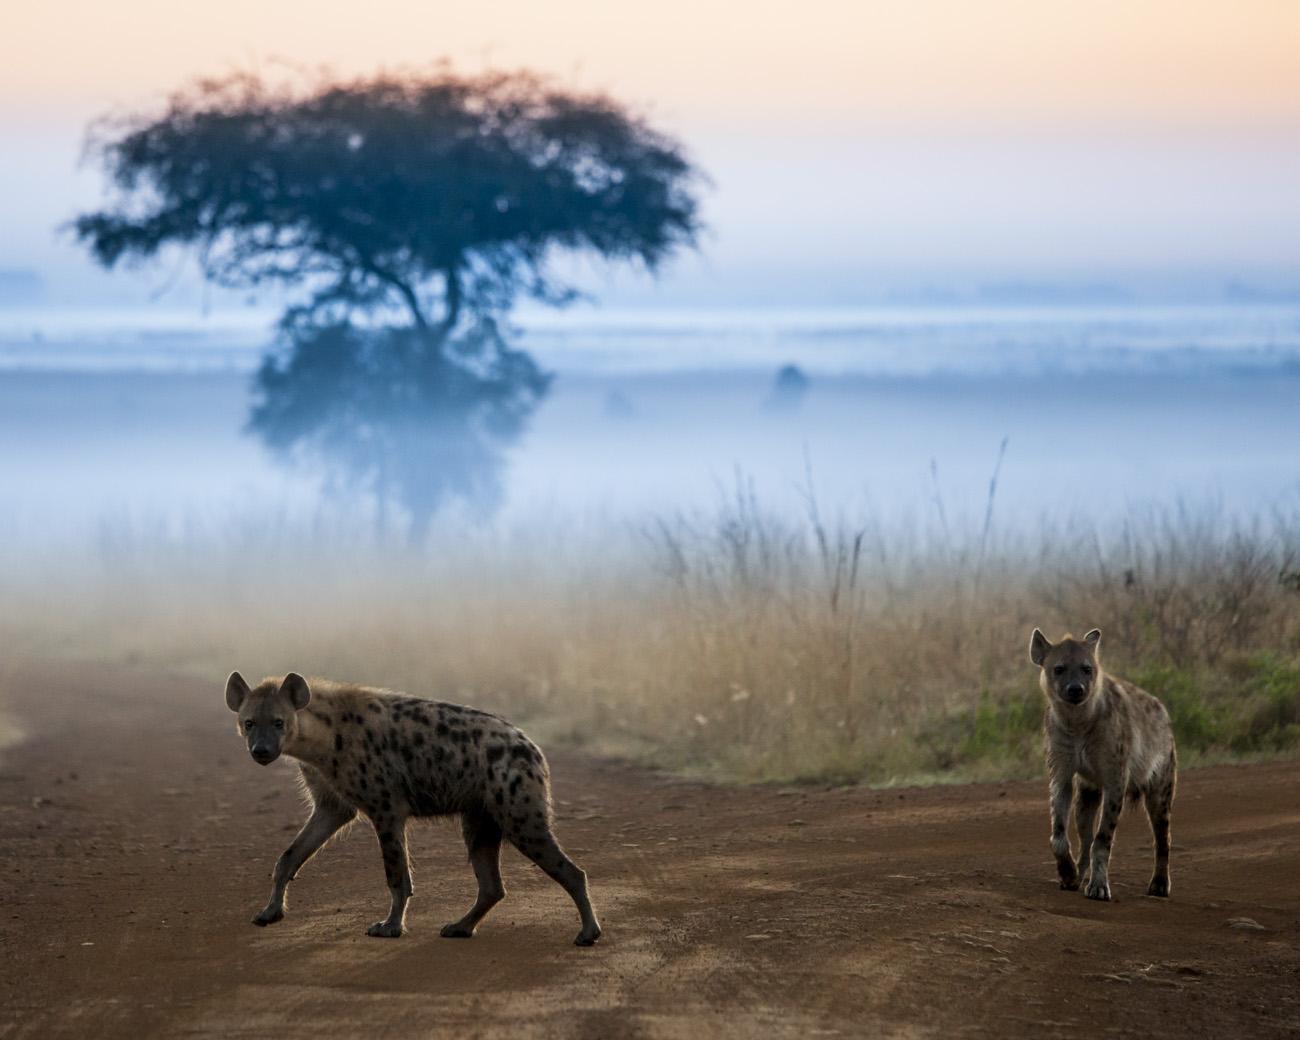 Hyenas at dawn in Kenya